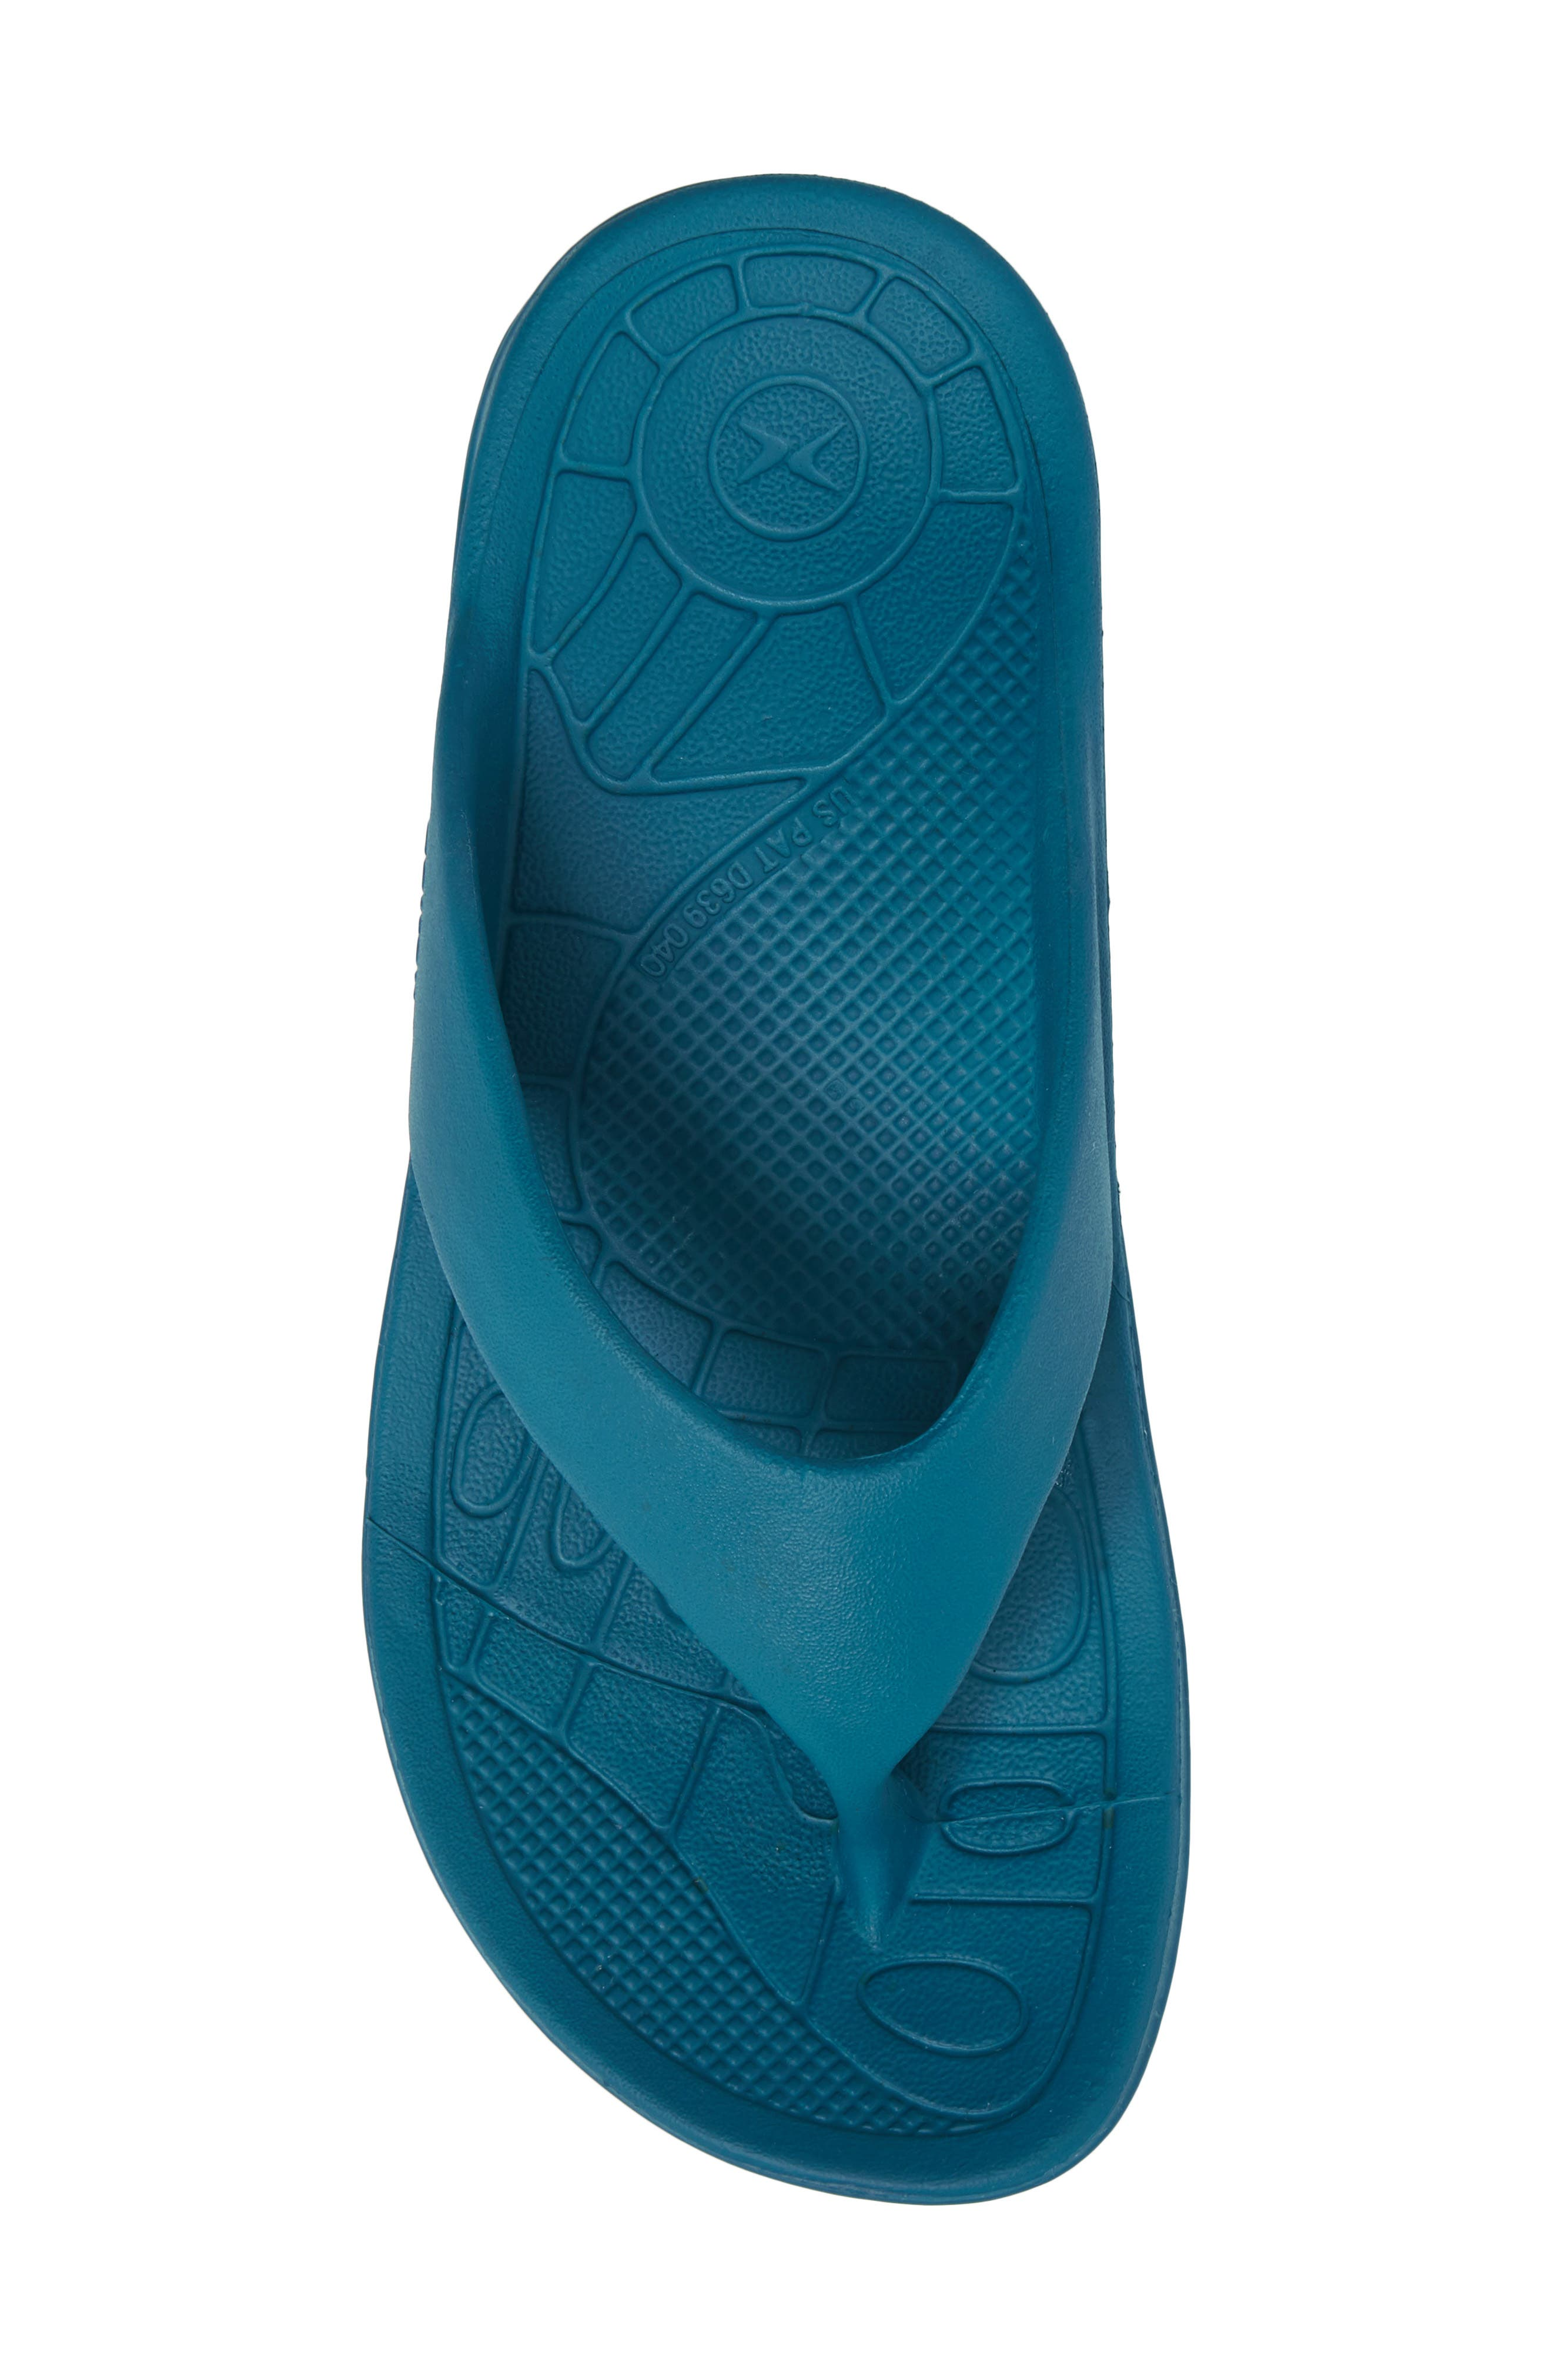 Lynco Flip Flop,                             Alternate thumbnail 5, color,                             Blue